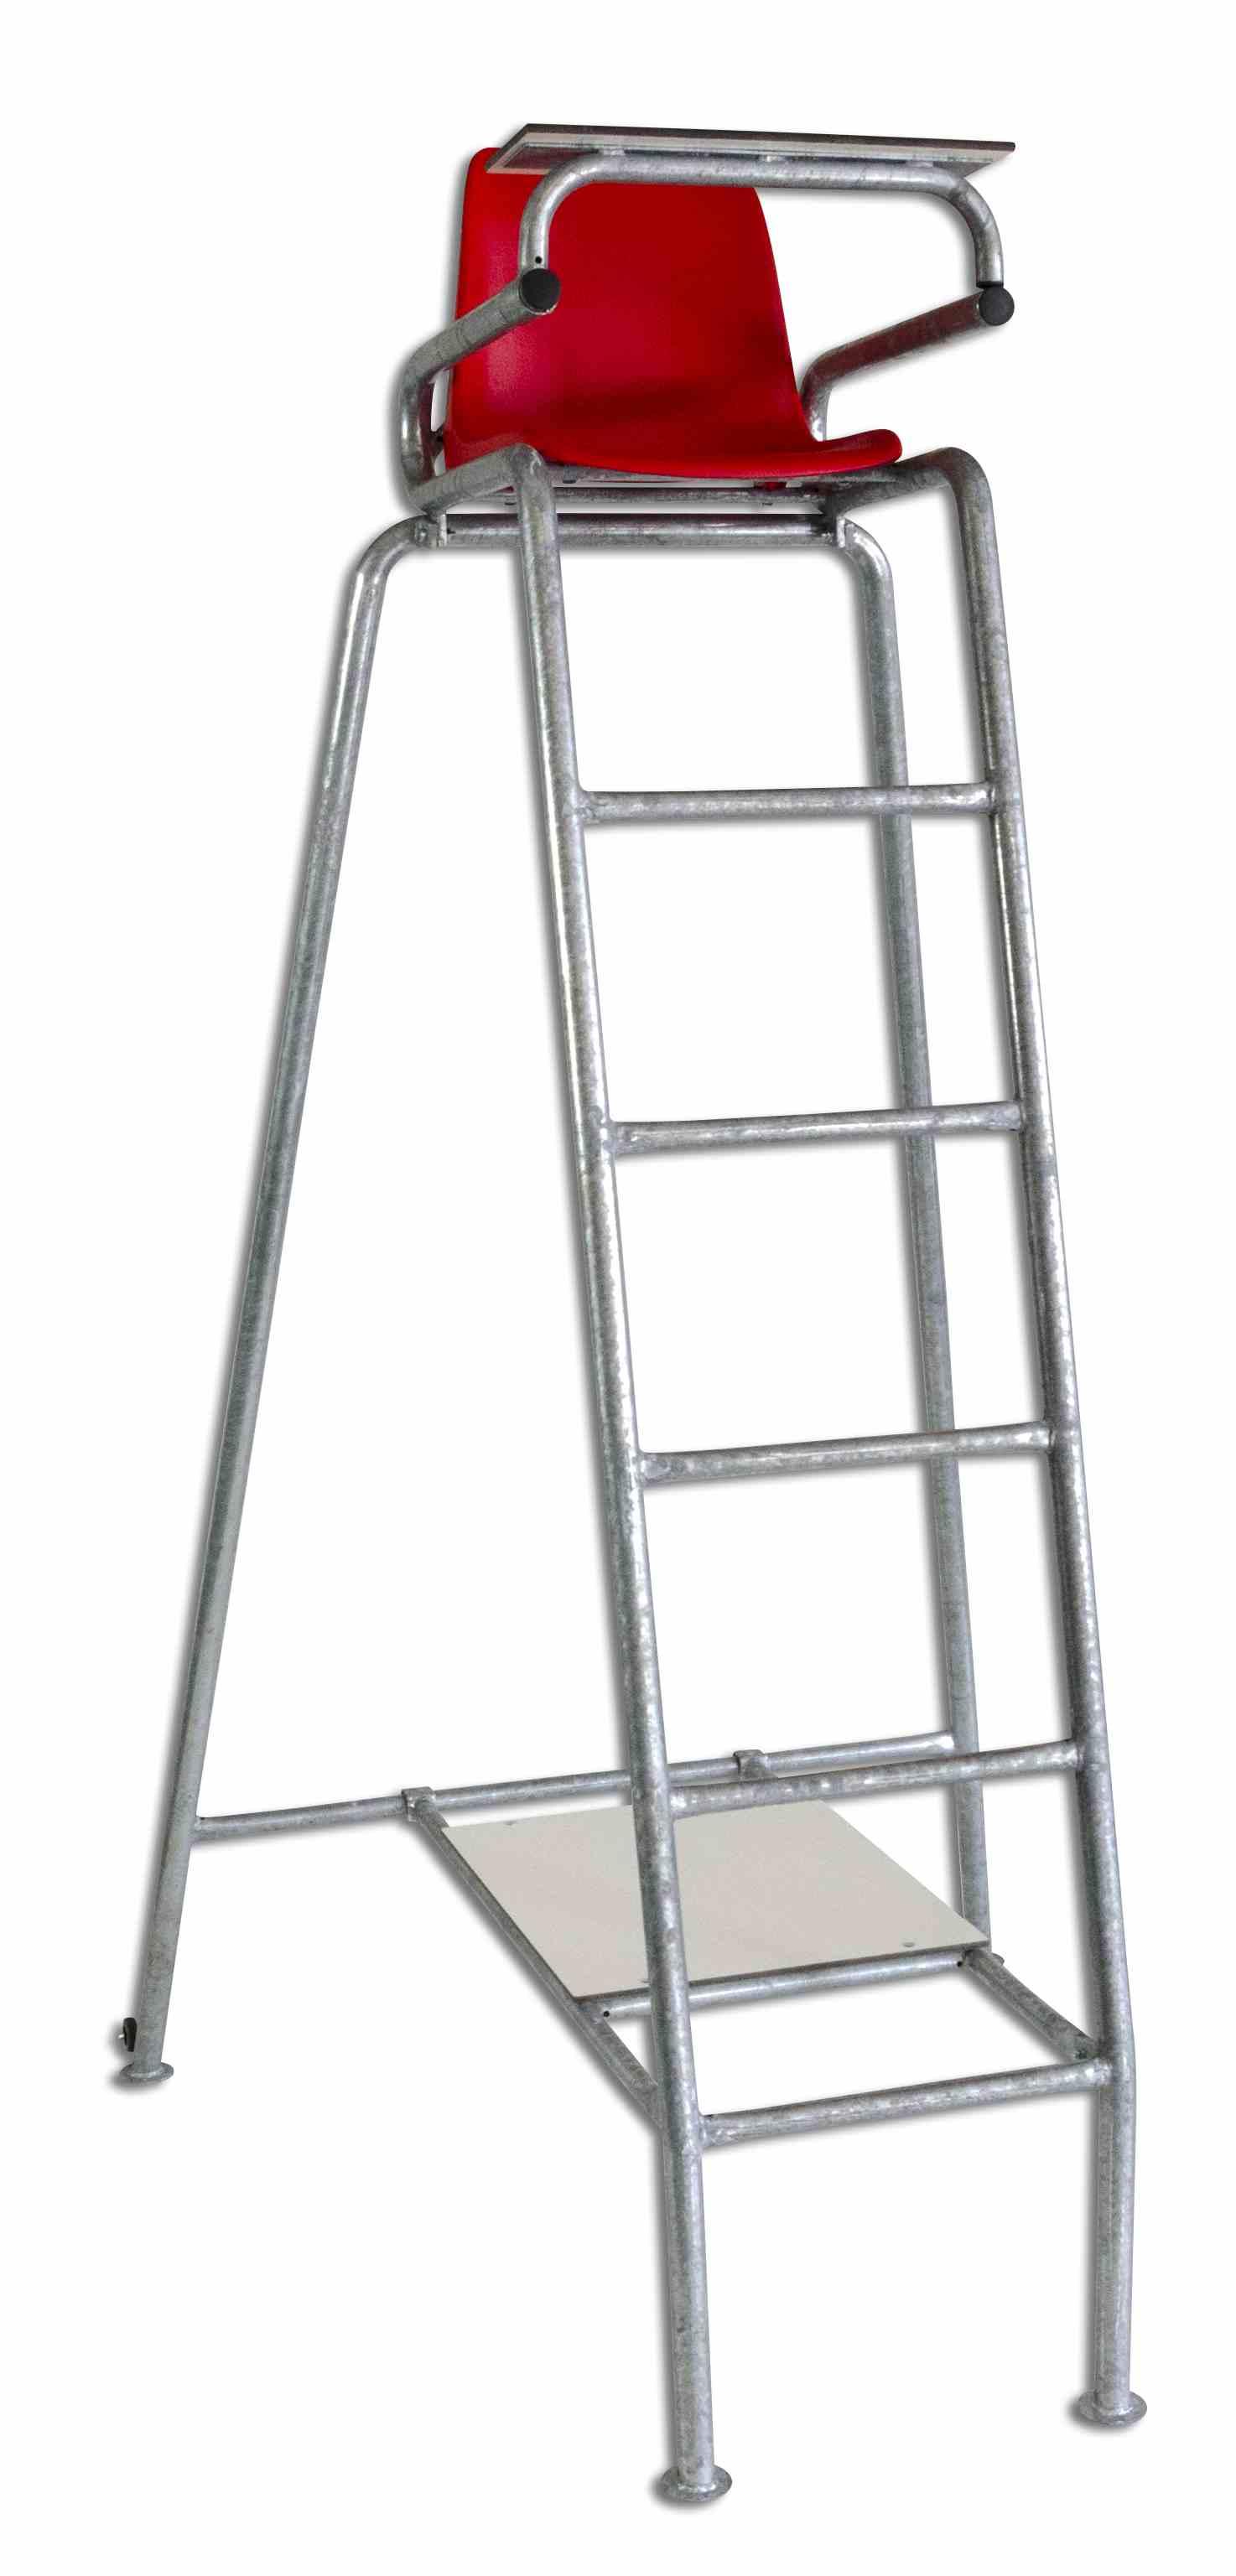 Plataforma para Árbitro de Tenis (Estructura en acero tubular galvanizado)